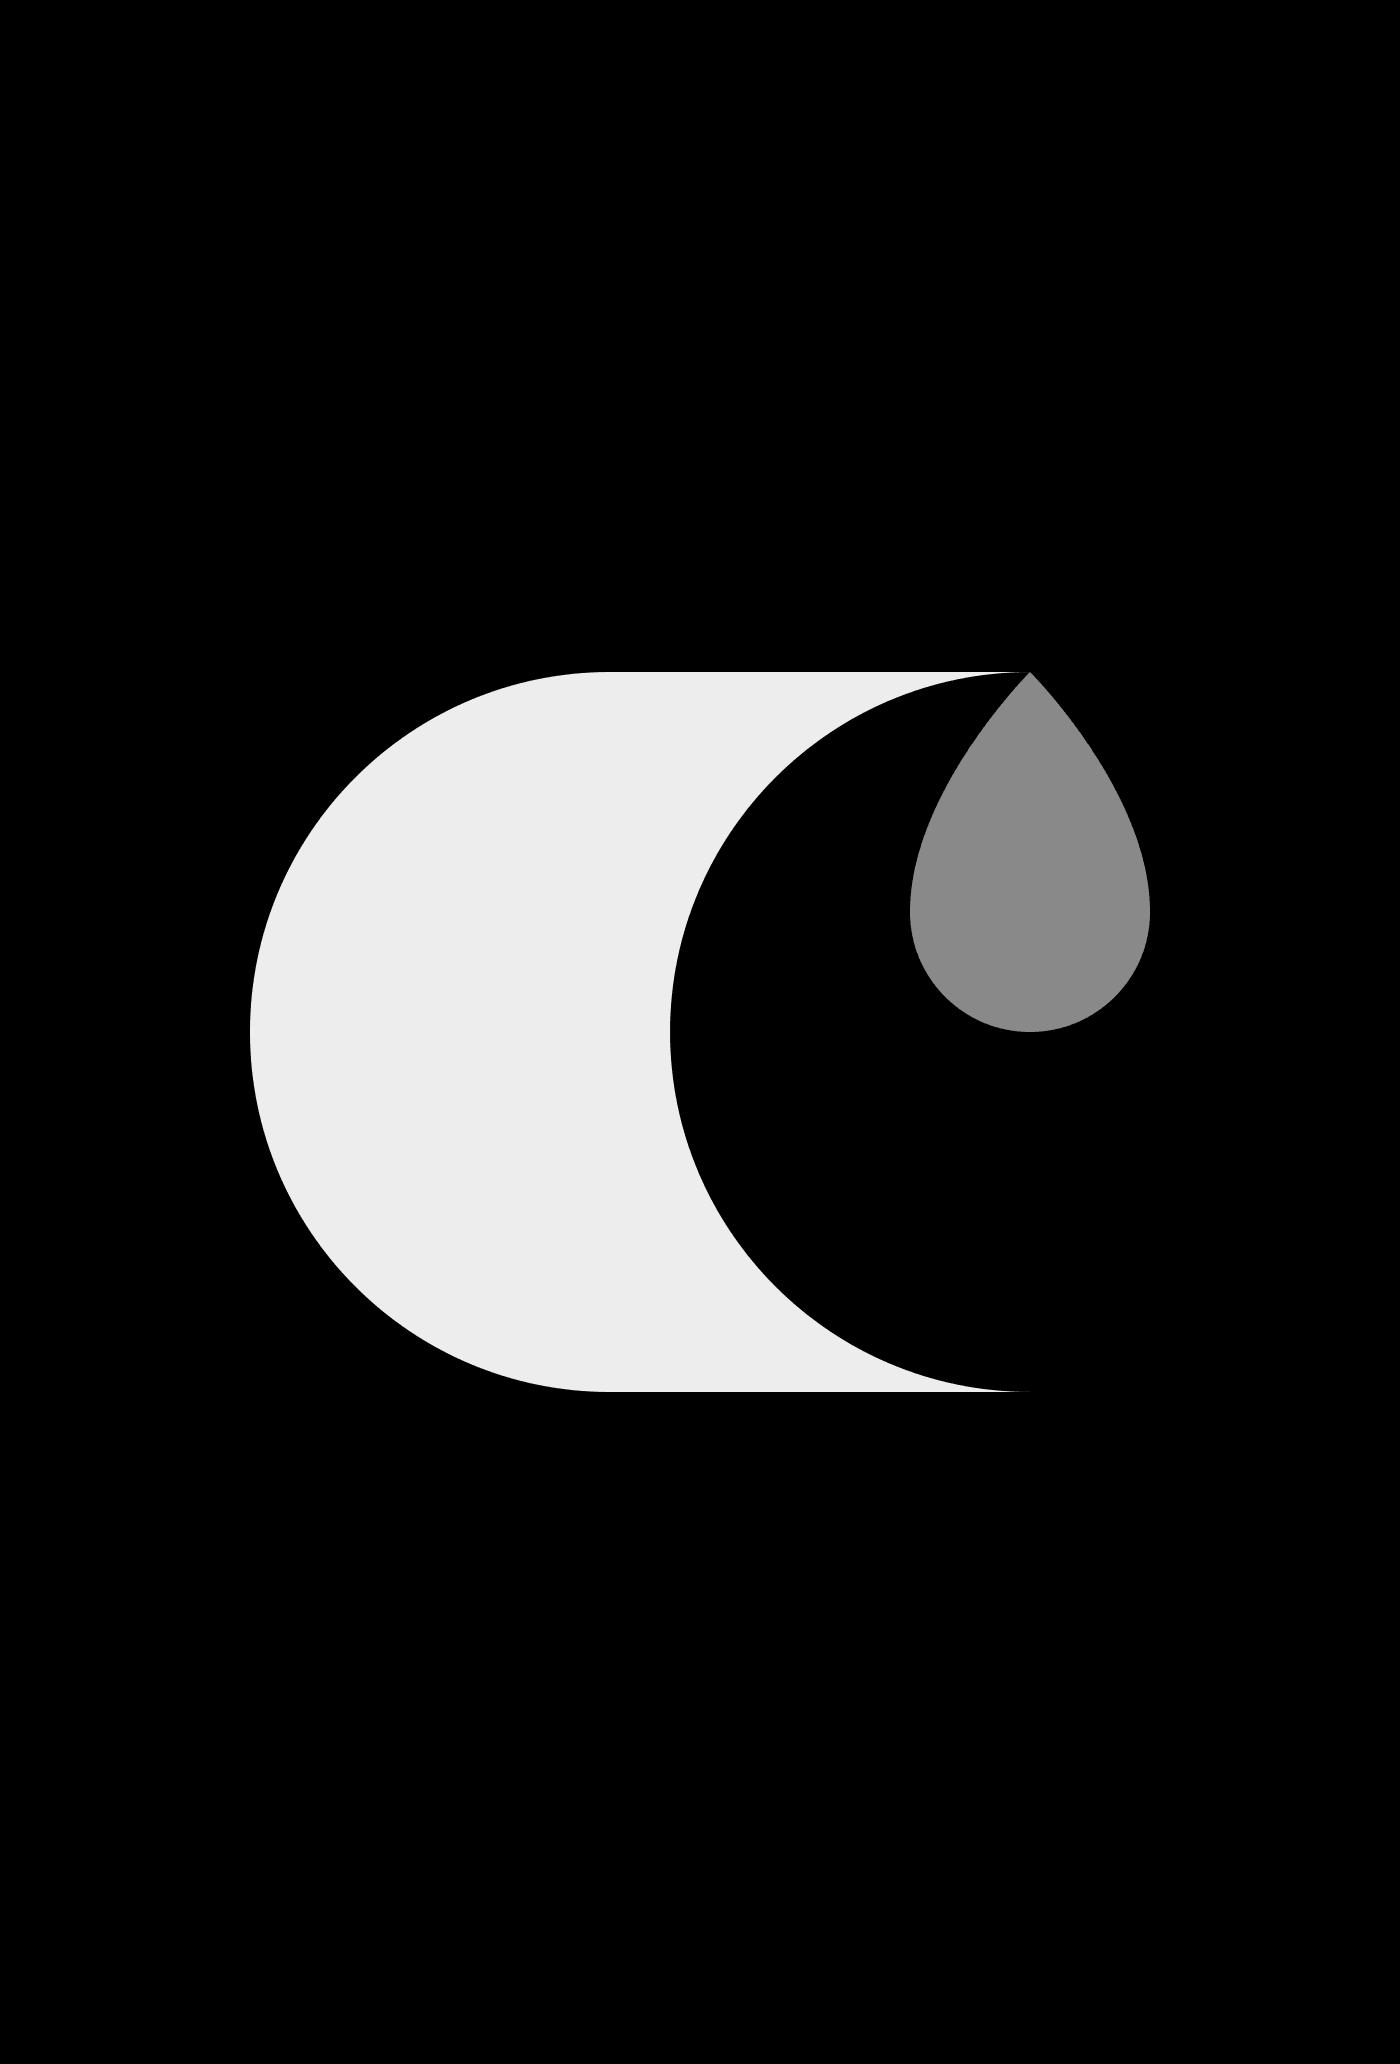 BrunoSilva-Logos-003